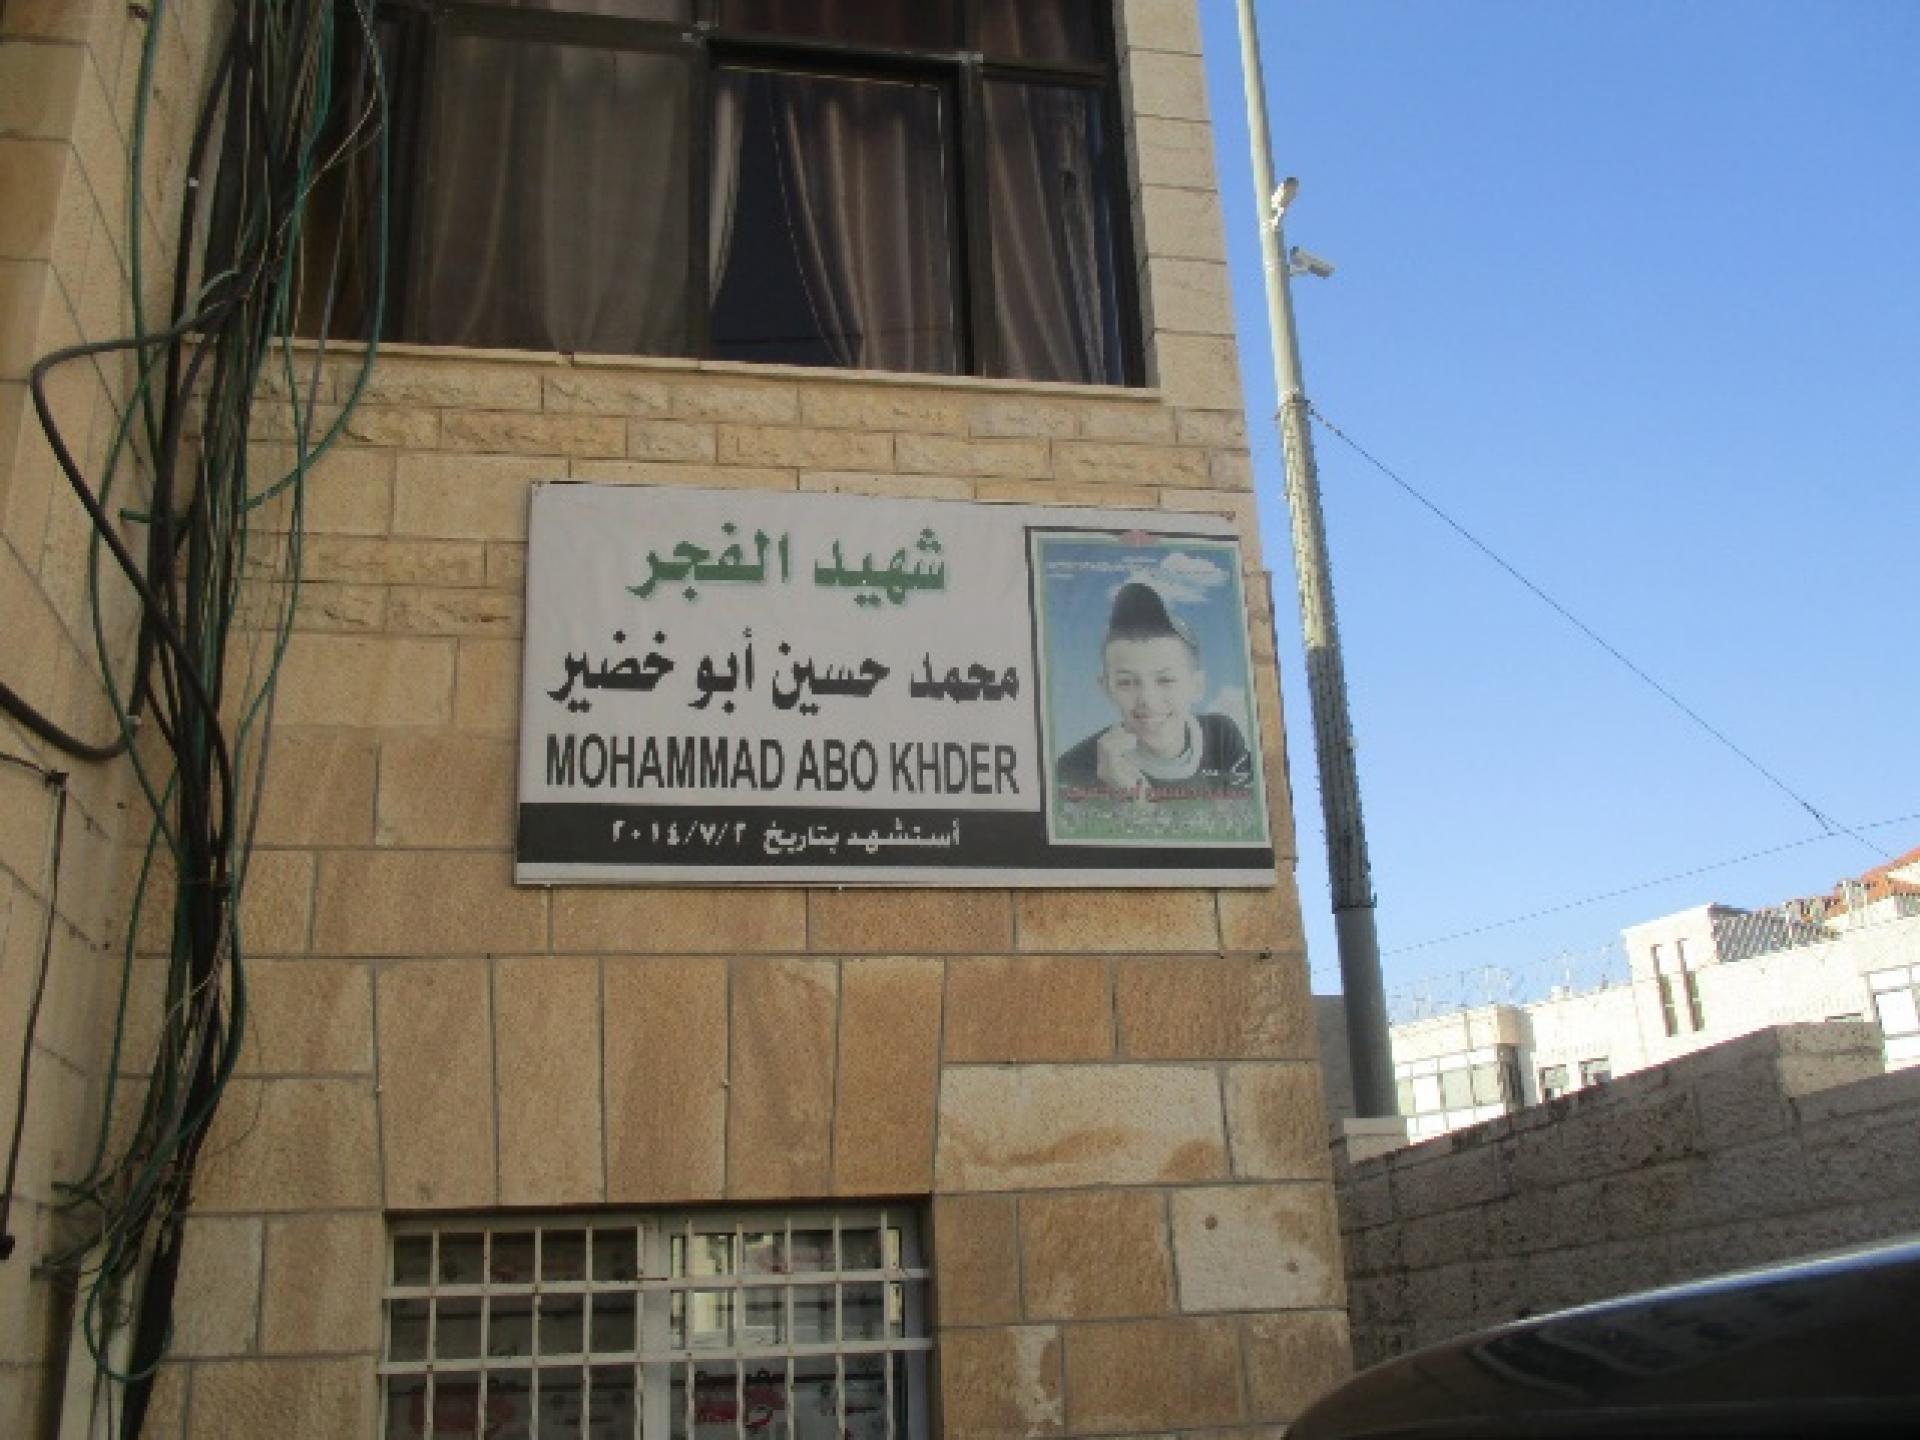 שלט קטן עם תמונת הילד הרצוח, מוחמד אבו-ח'דיר